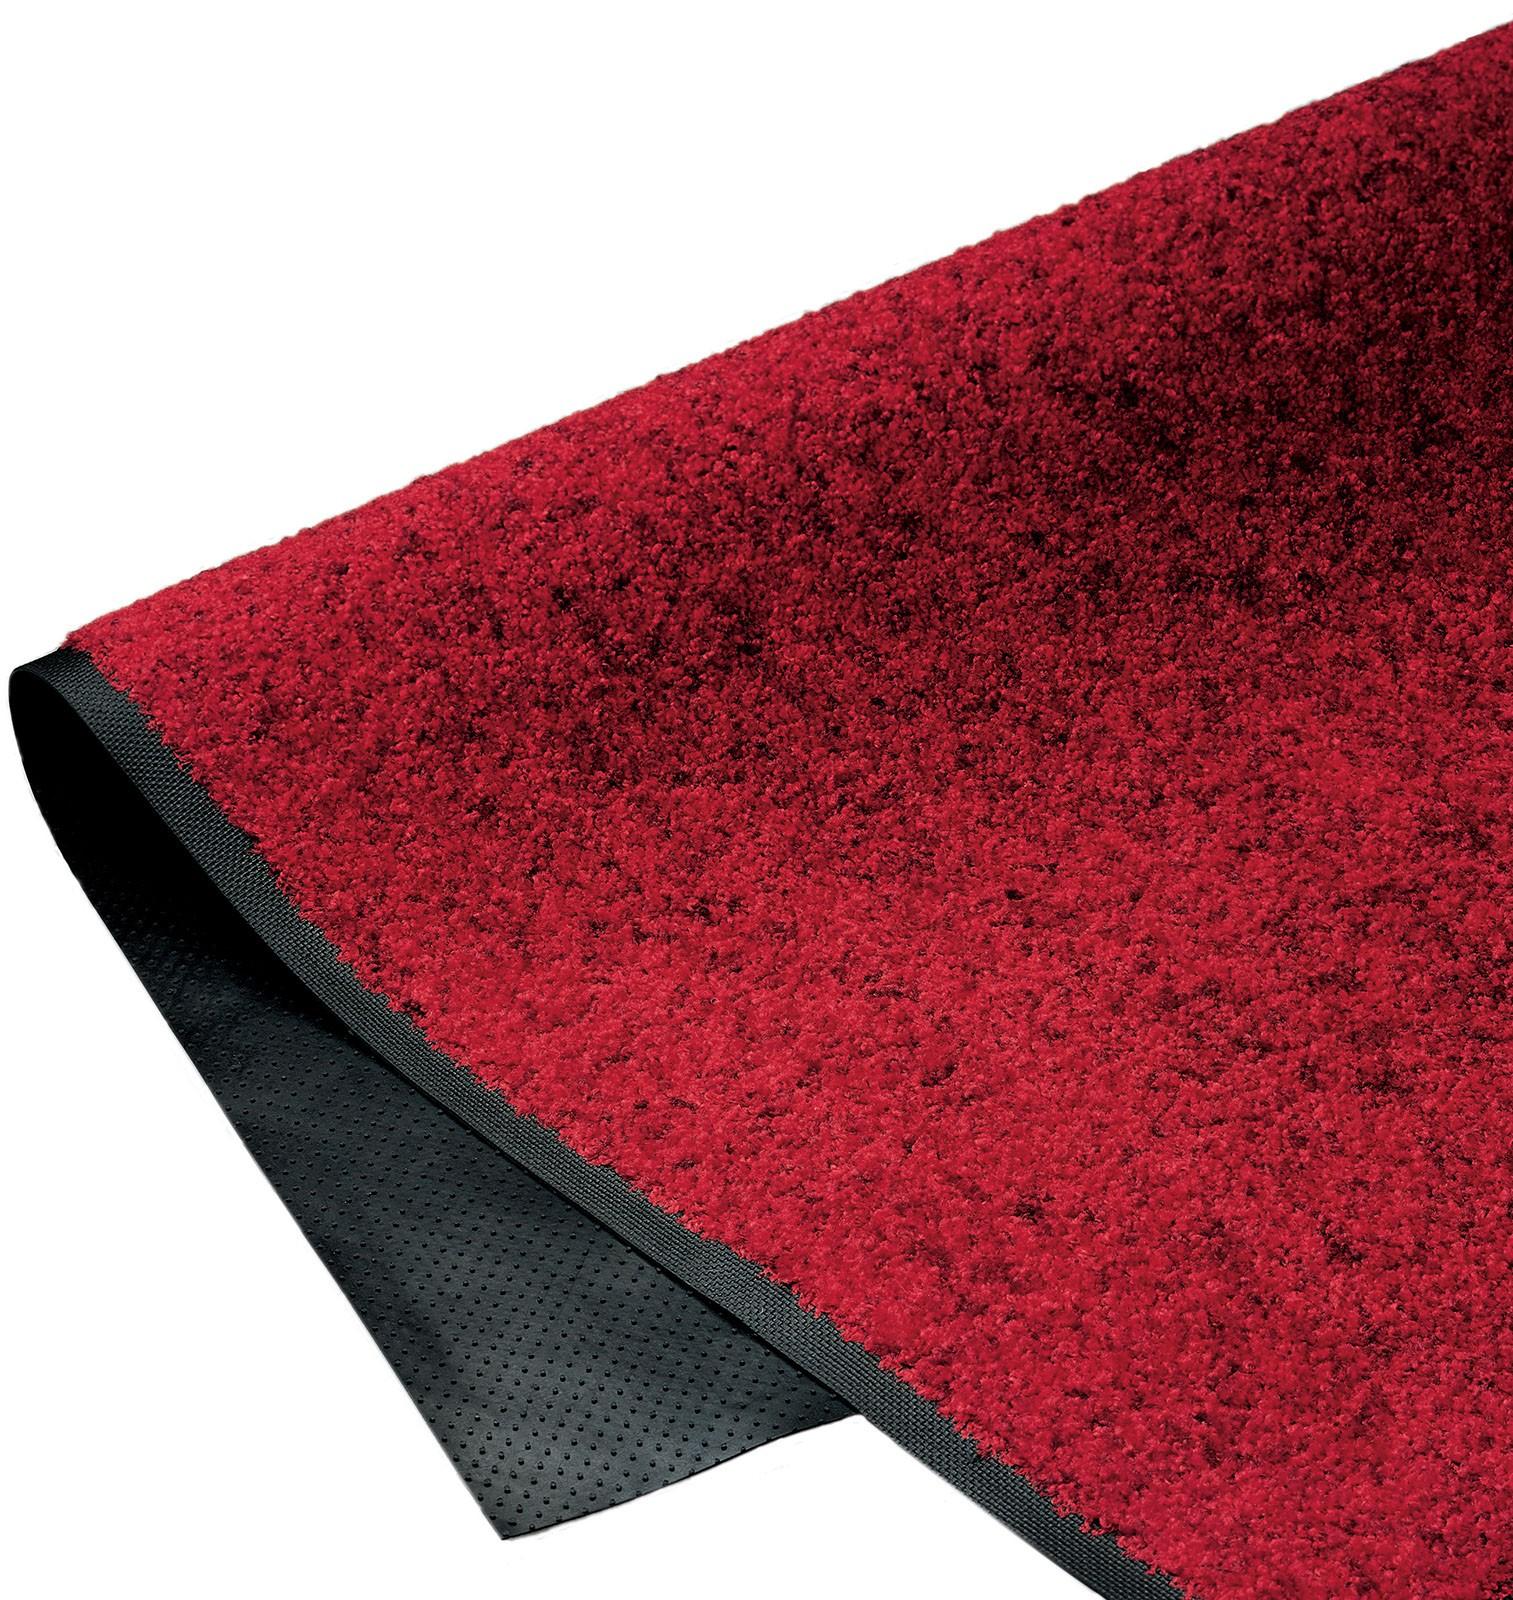 DURAMAT Indoor Carpet Entrance Floor Mat